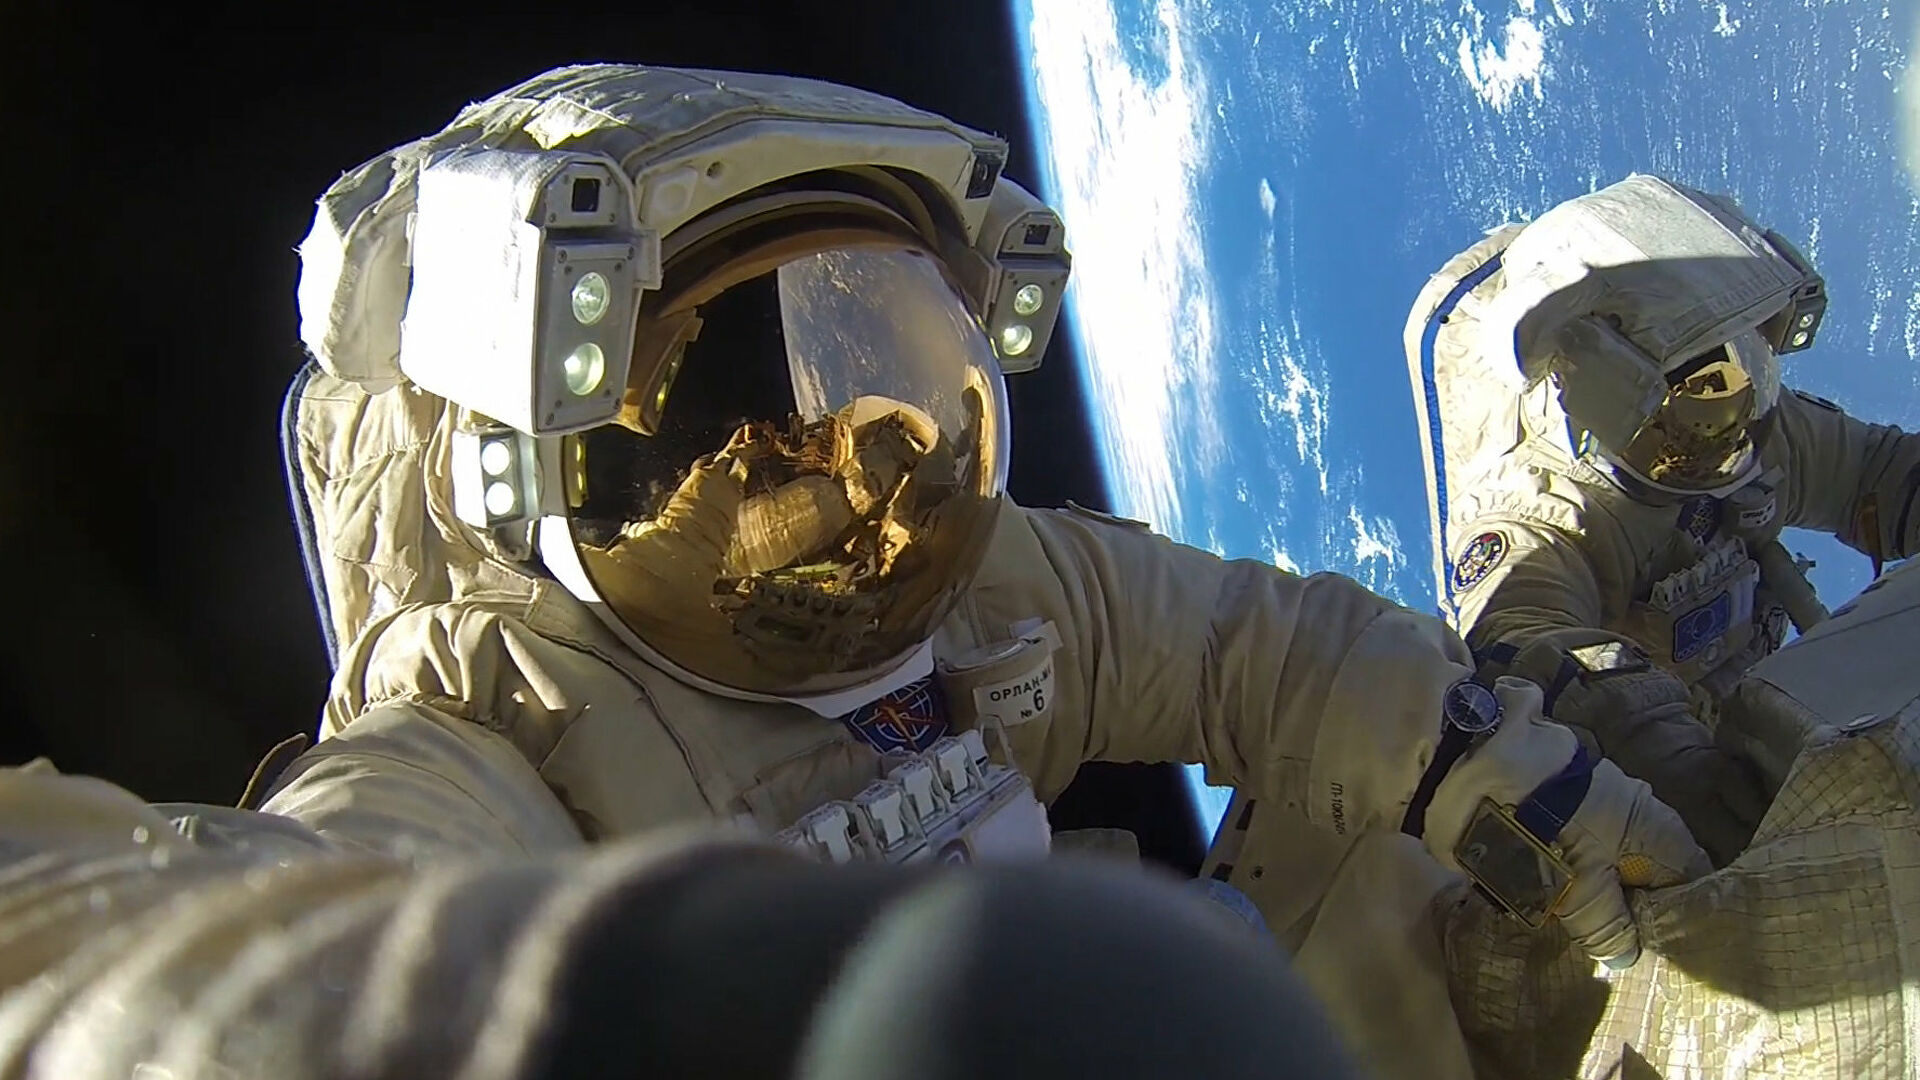 «Роскосмос» рассказал оссоре советских космонавтов наорбите из-за алкоголя